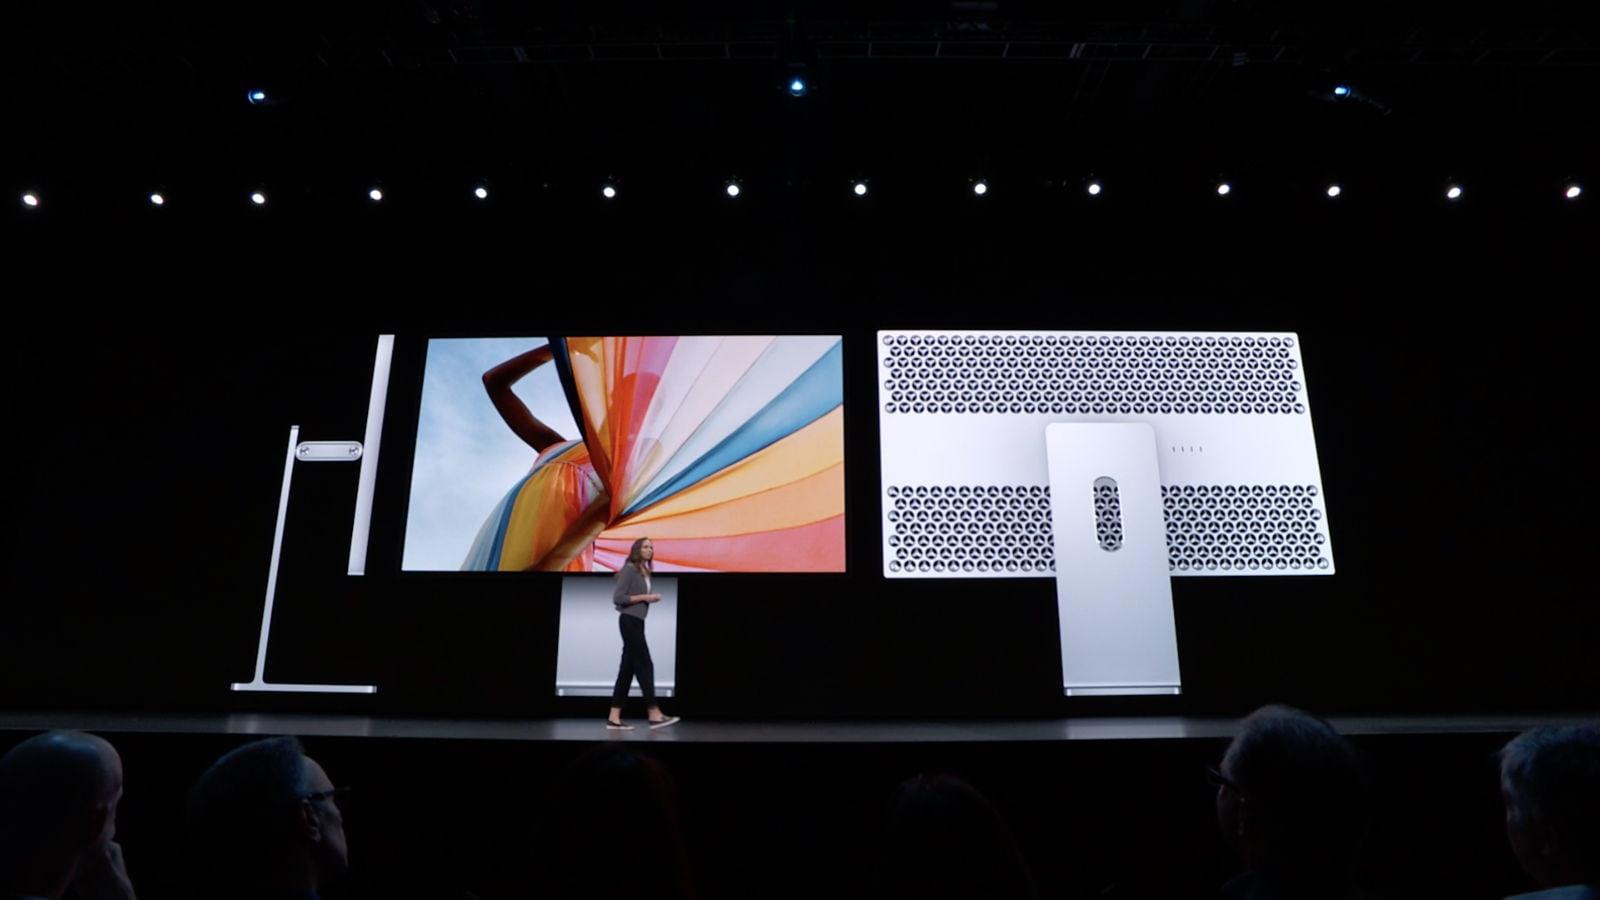 Chỉ riêng tấm nền LG trên màn hình Apple đã có giá ngang iPhone XS Max 512GB ở Mỹ